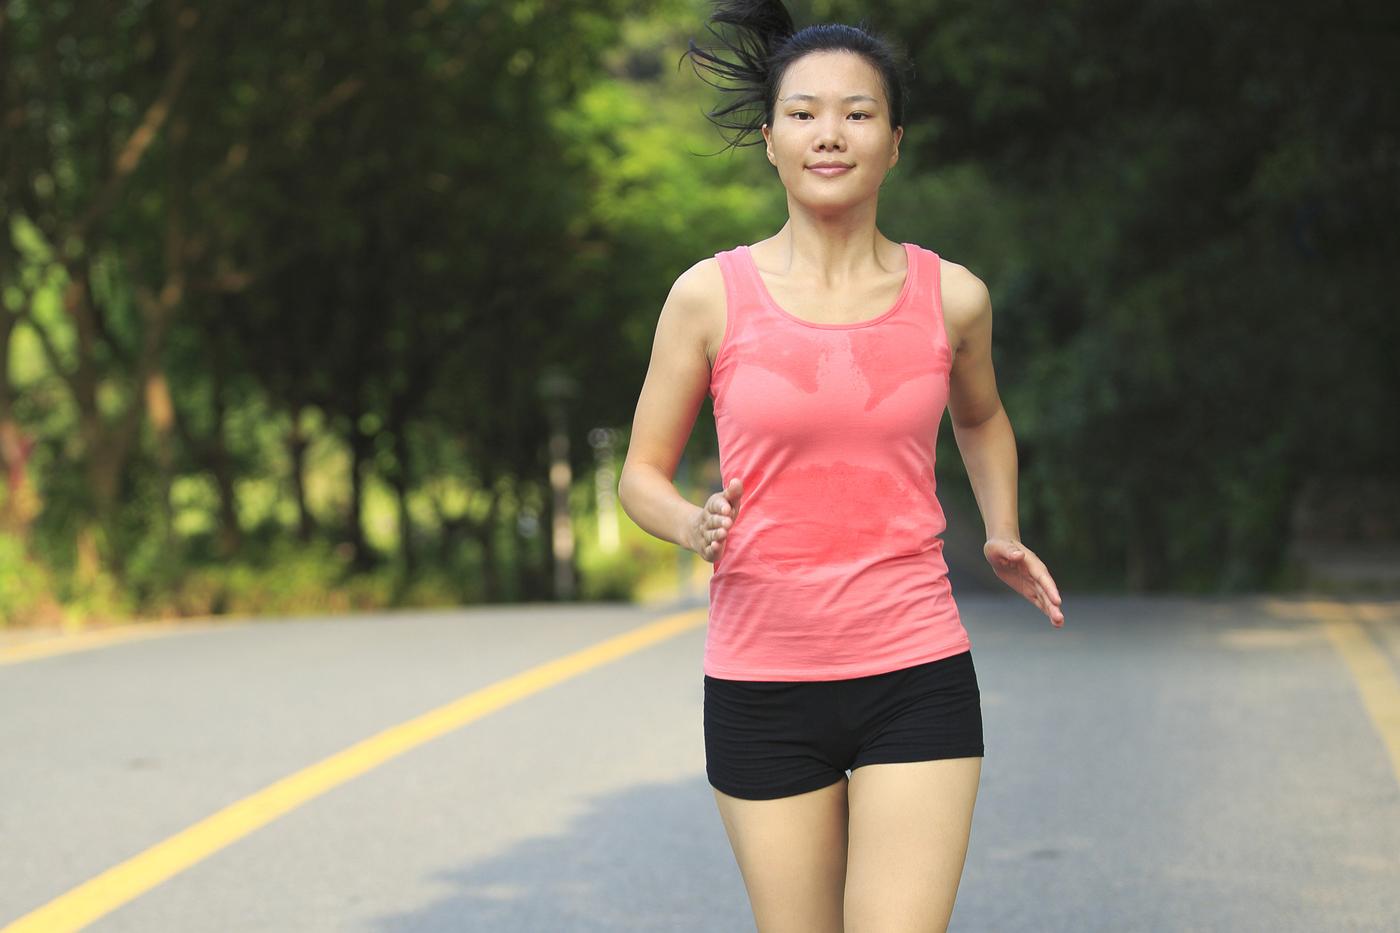 提升體溫,能增強免疫系統,更好的抵禦病毒入侵。(Shutterstock)